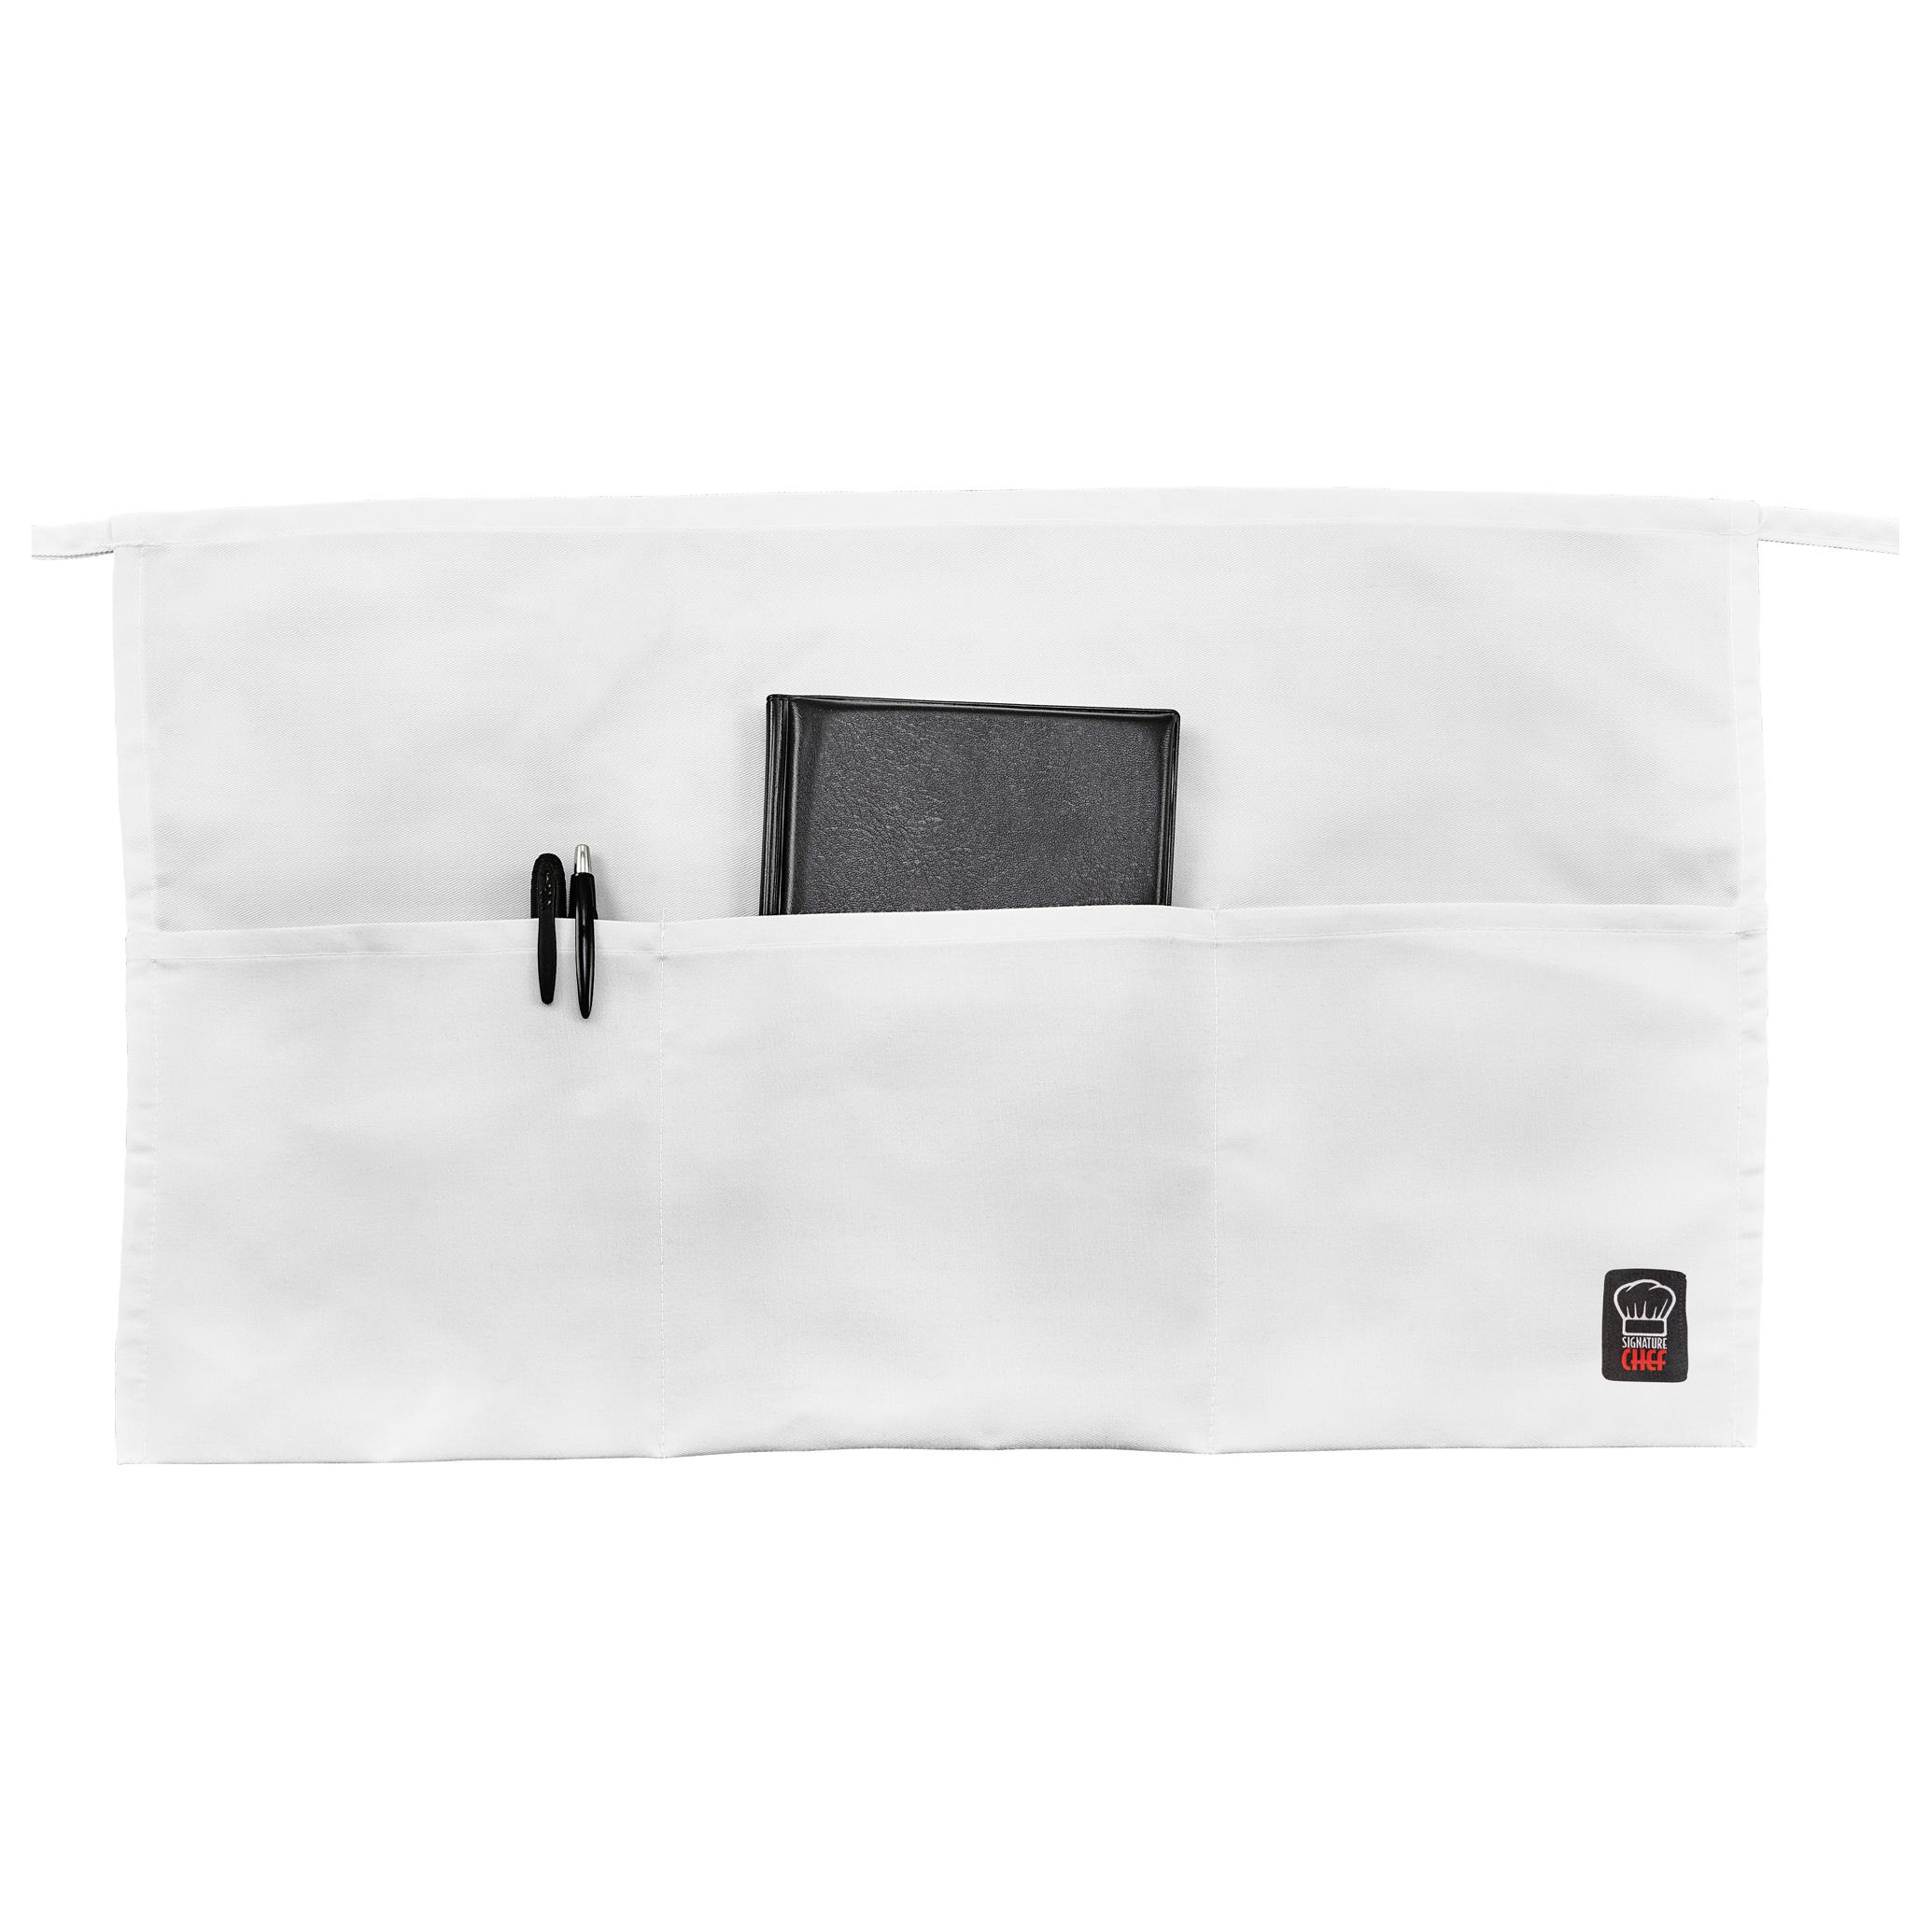 Winco WA-1221W waist apron